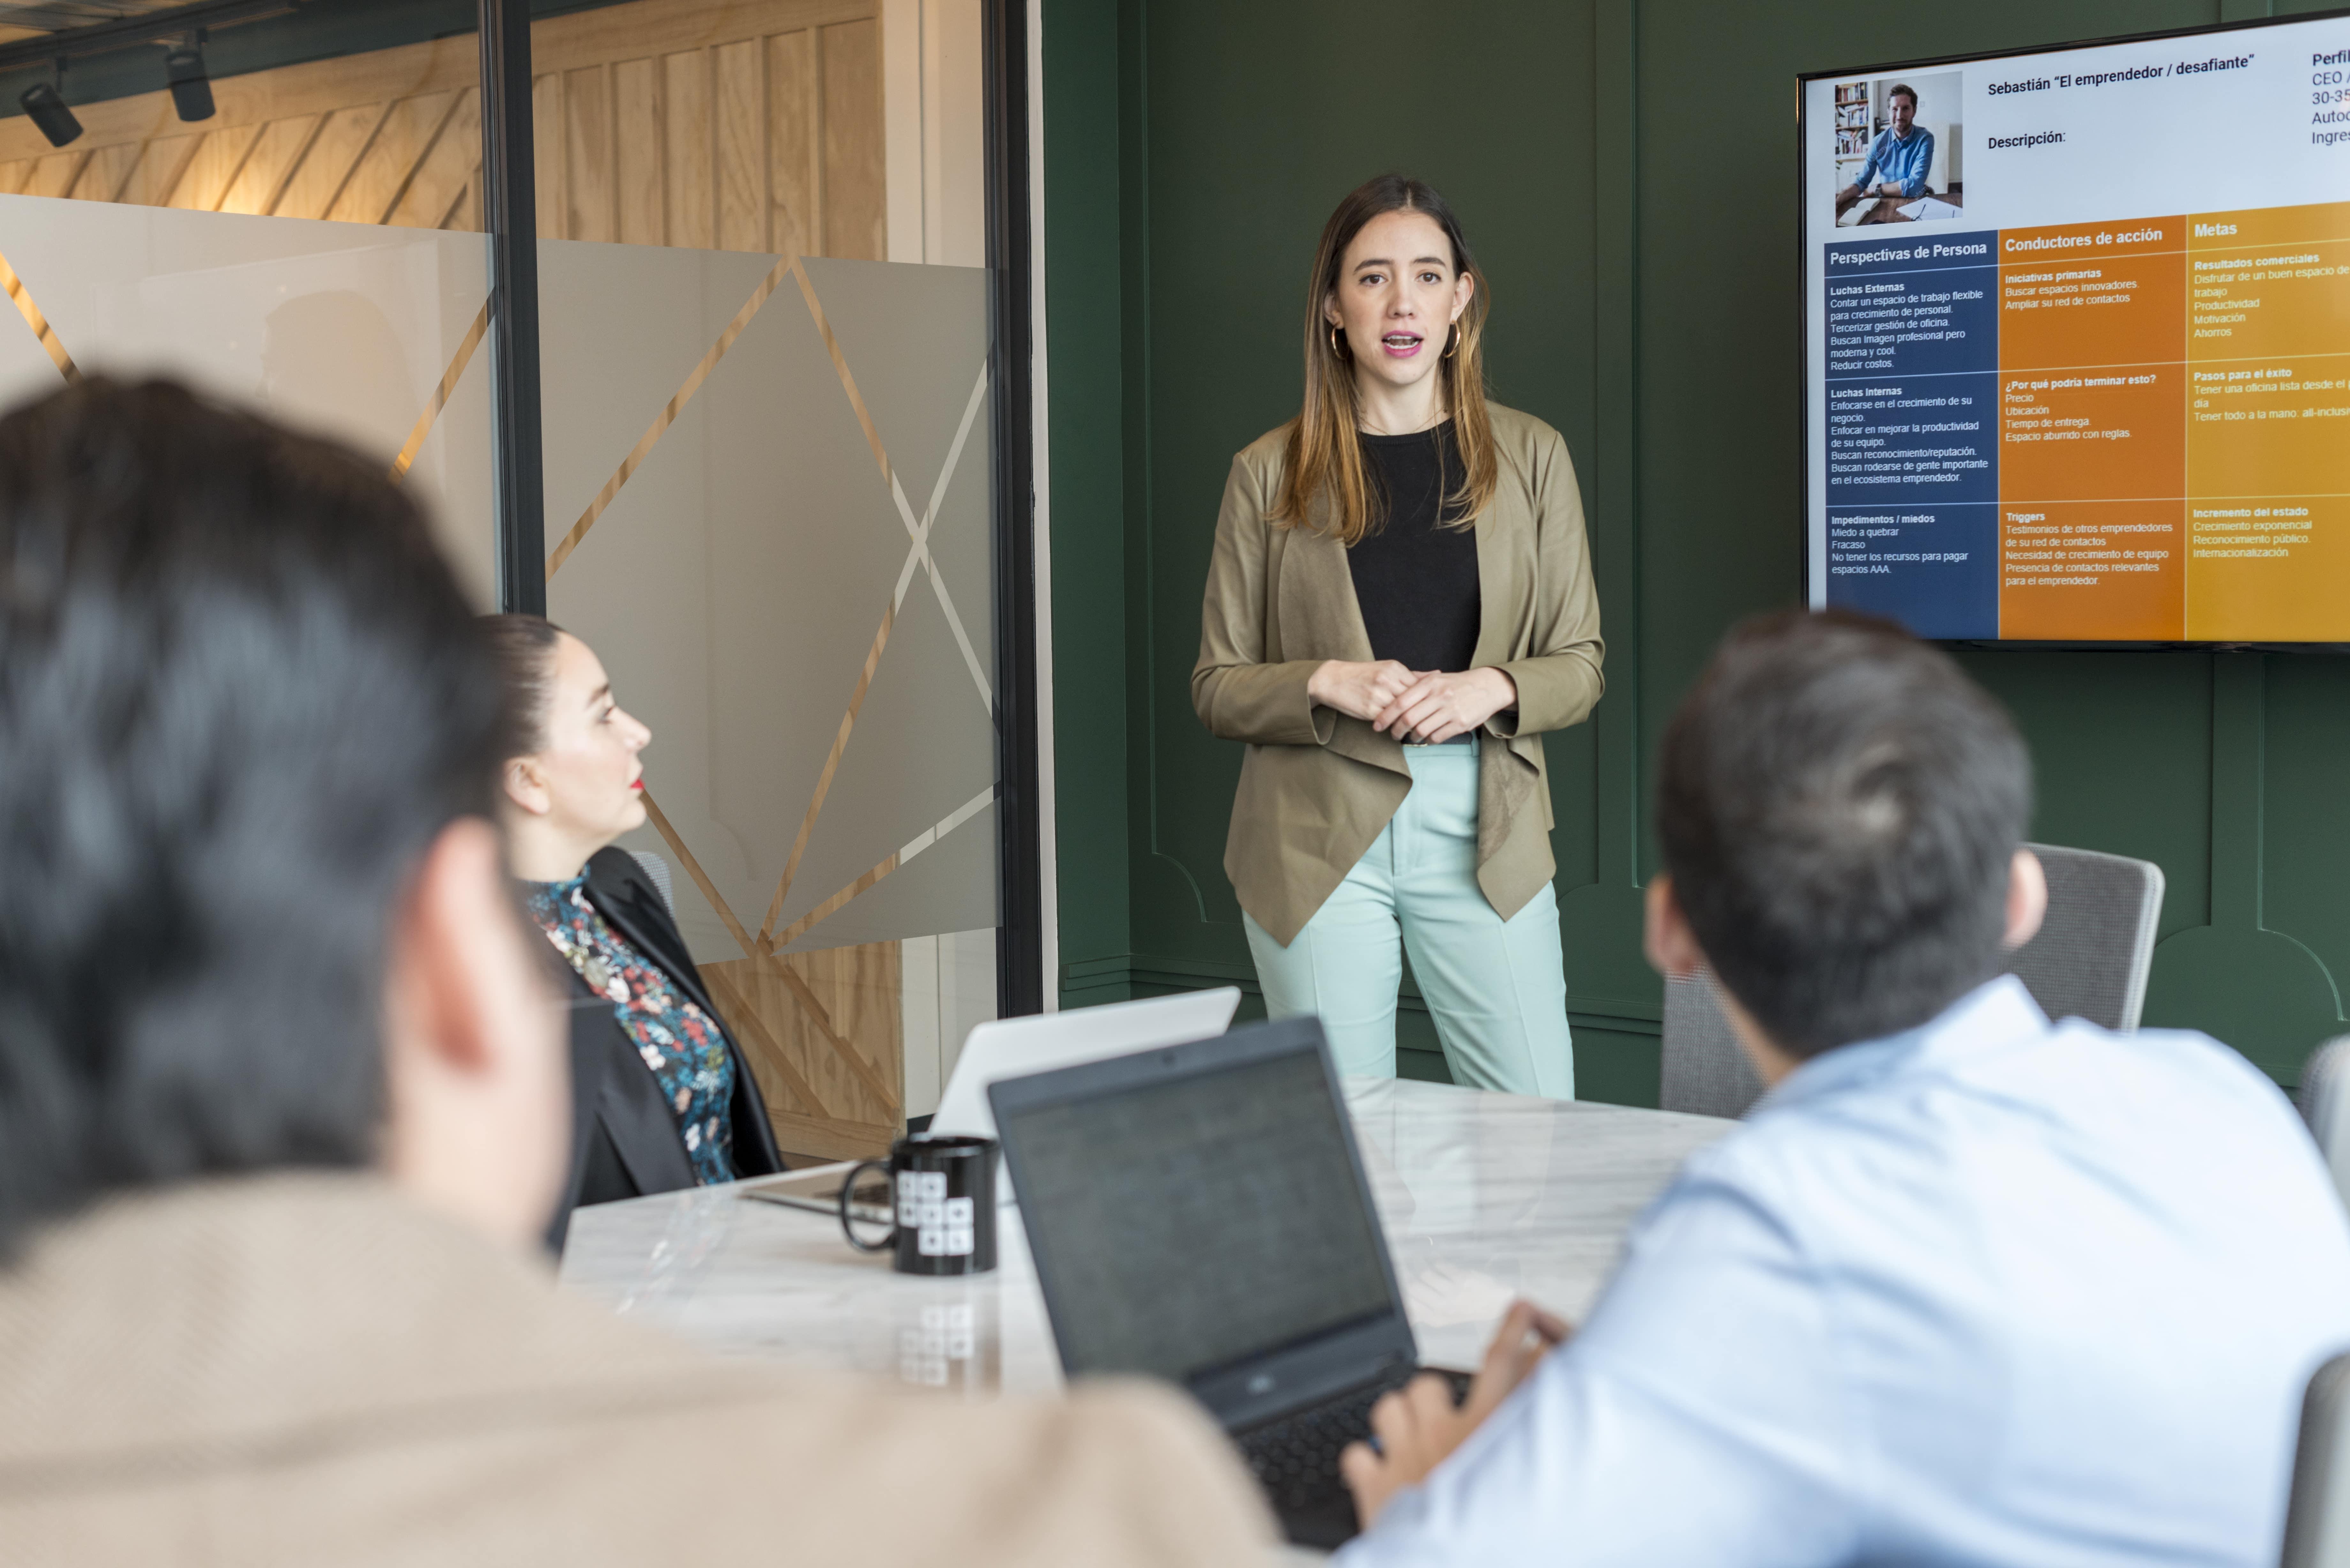 mujer exponiendo en una reunion frente a su equipo